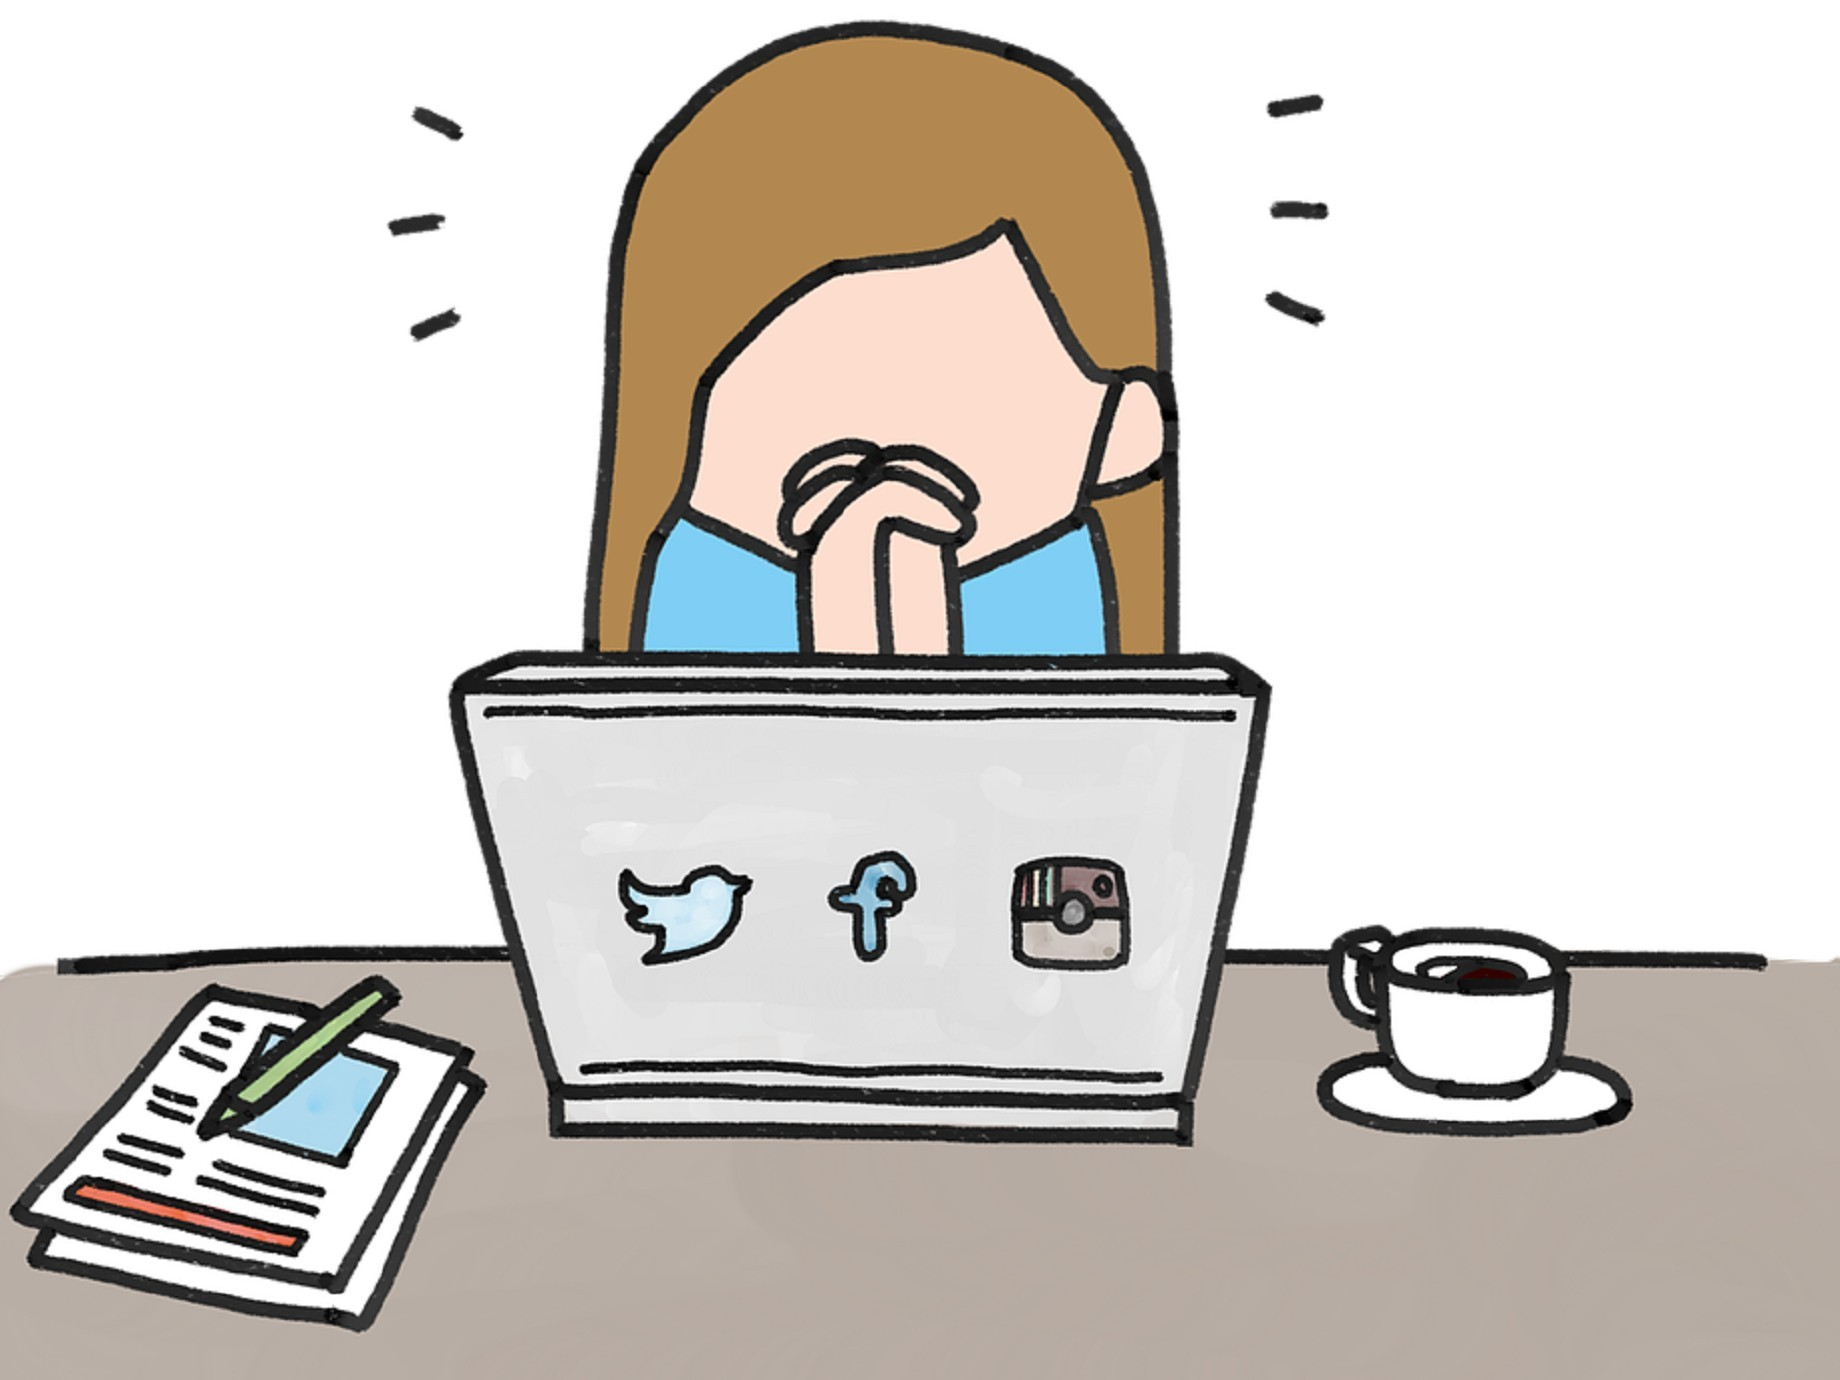 別讓小編不開心,社群網路服務HootSuite讓你輕鬆走入社群